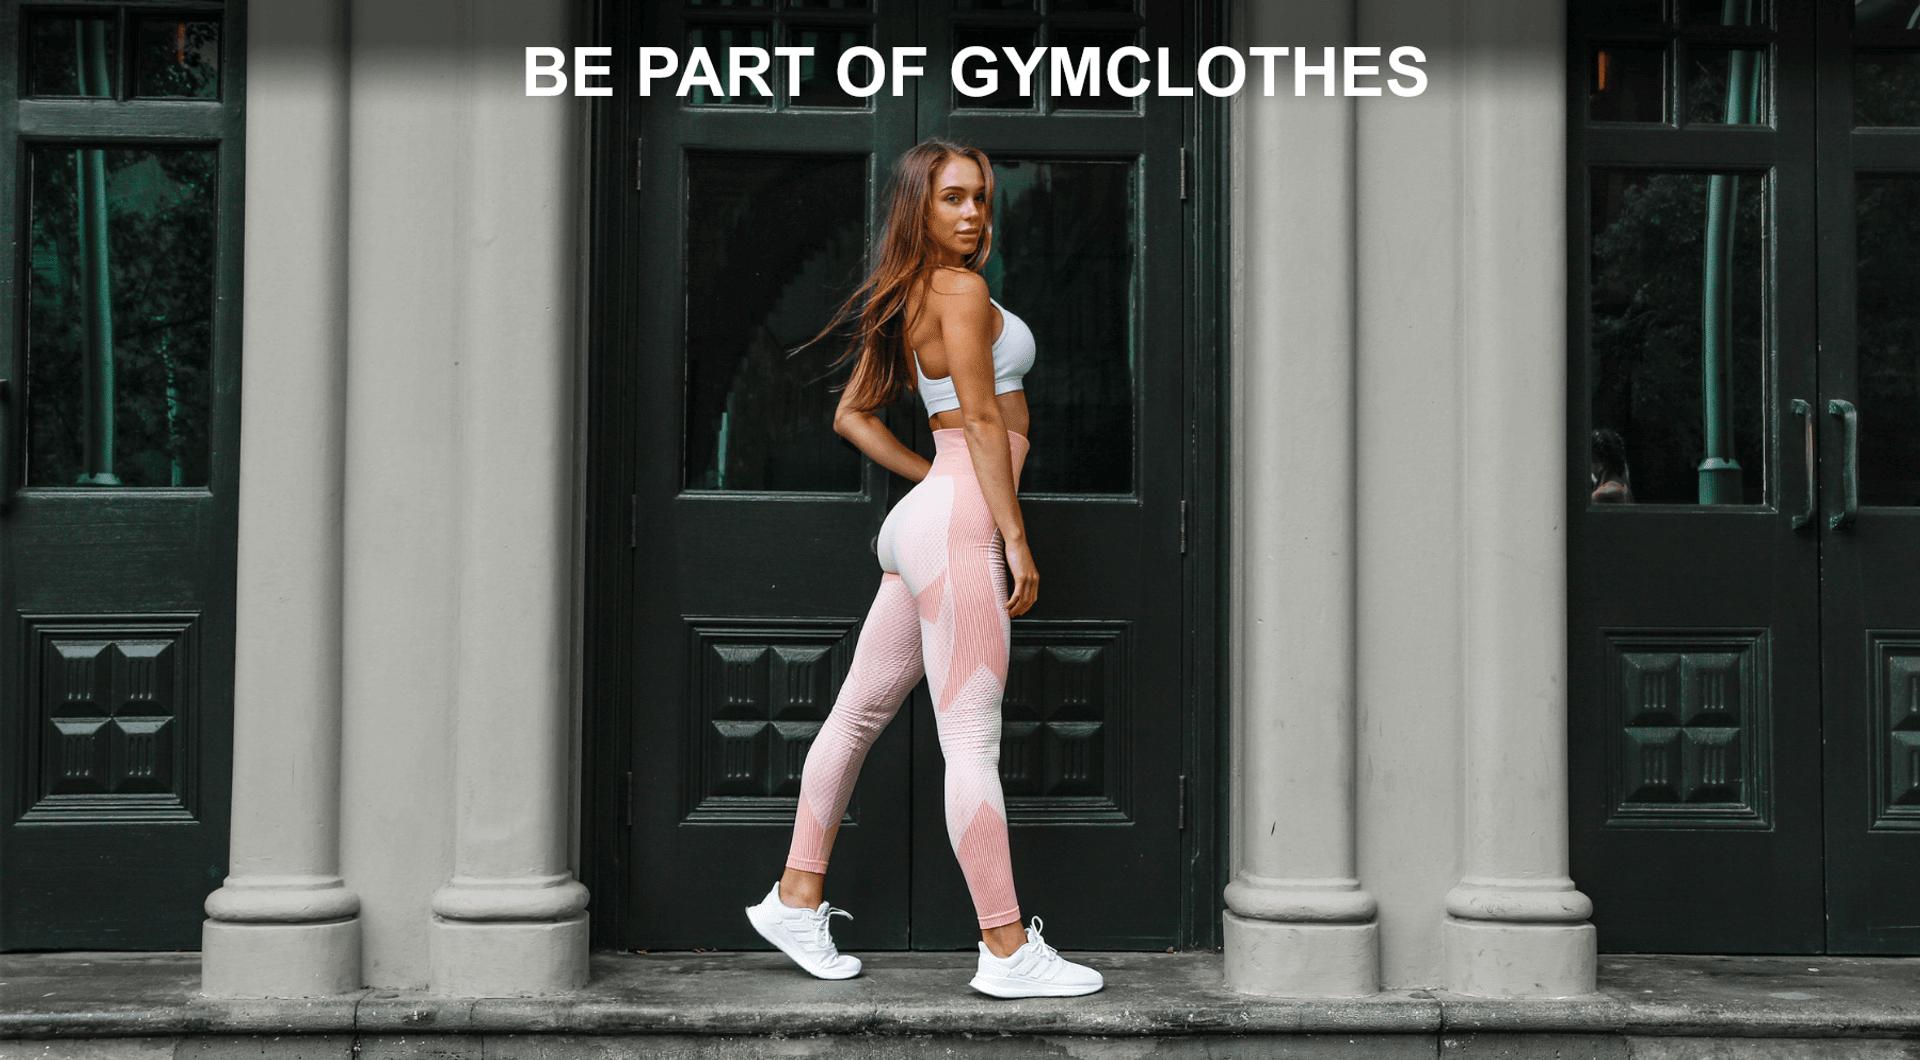 Gymclothes